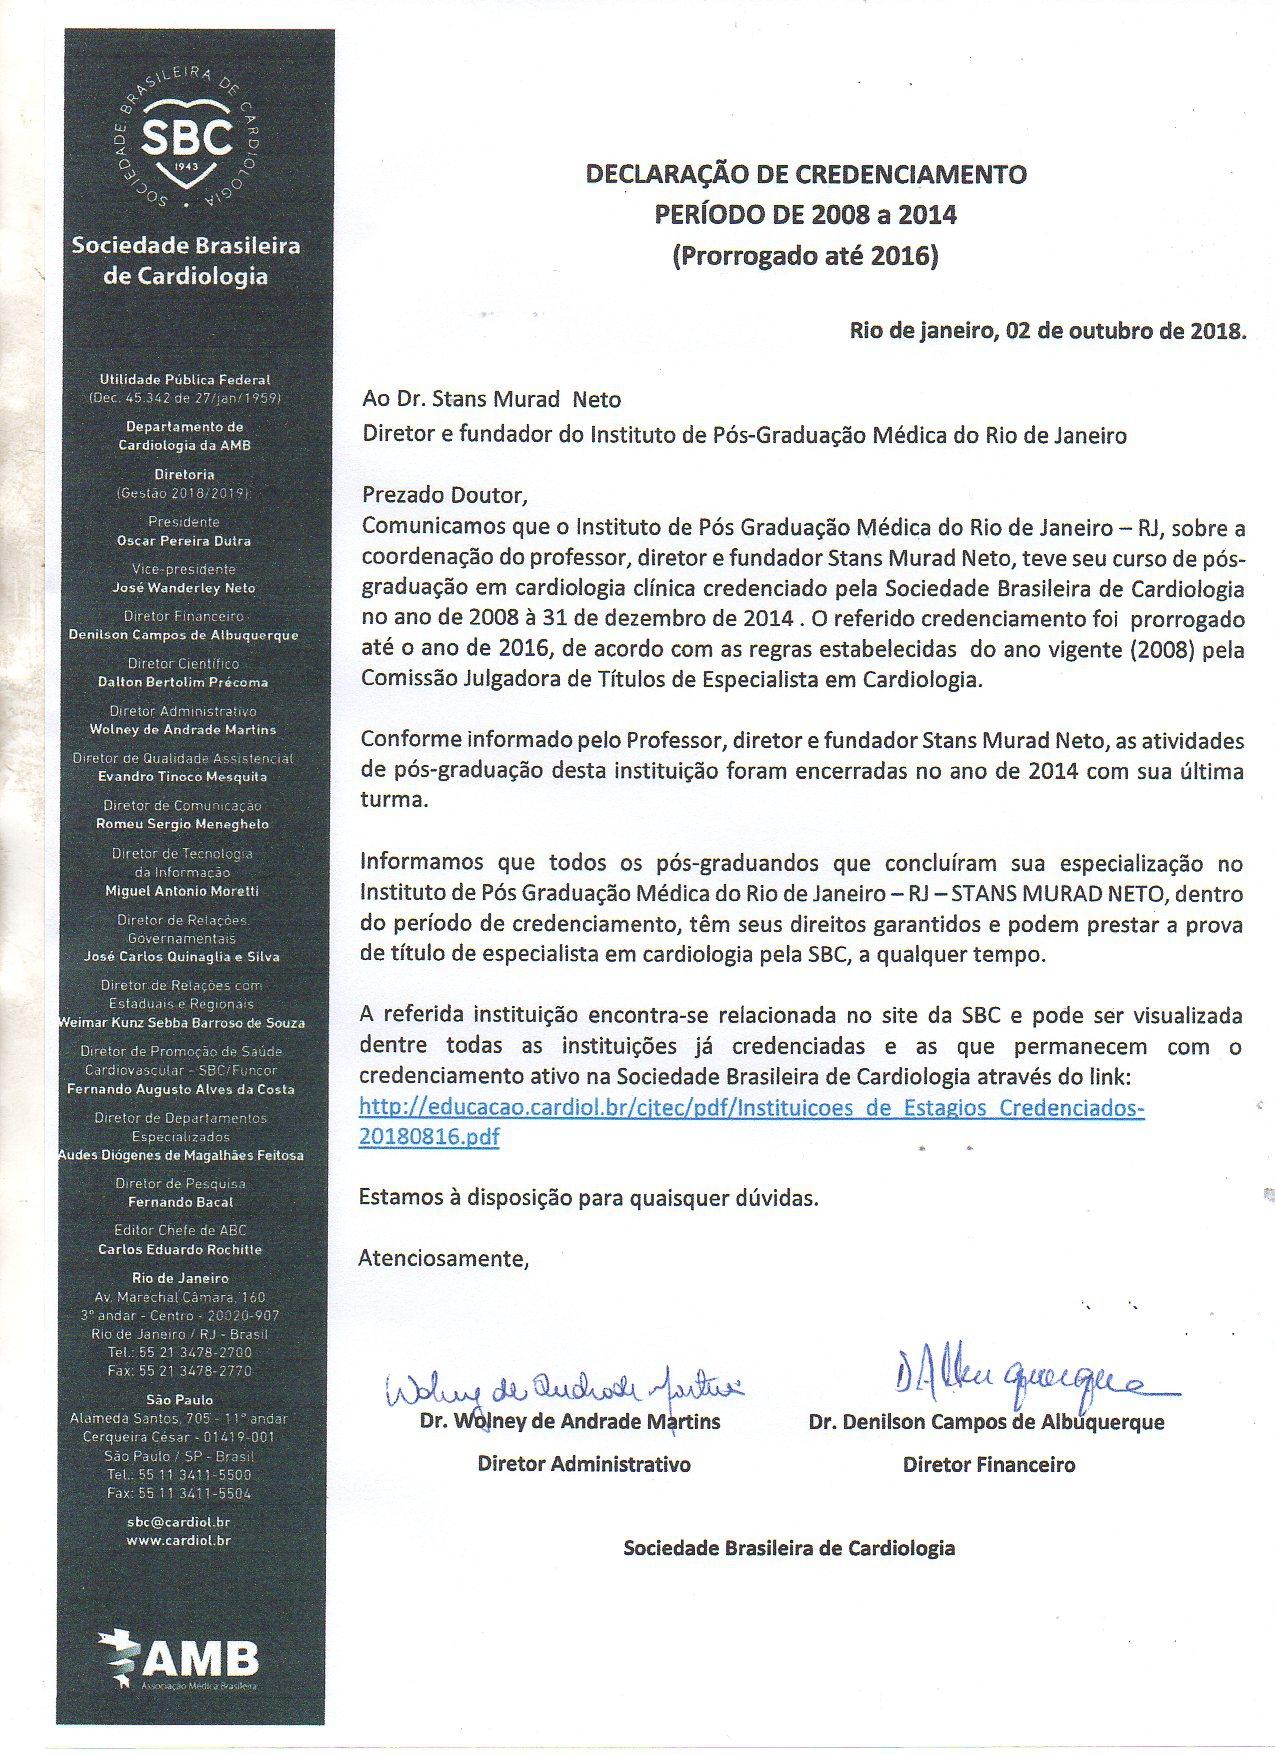 Credenciamento do IPGMRJ pela Sociedade Brasileira de Cardiologia até 31/12/2014